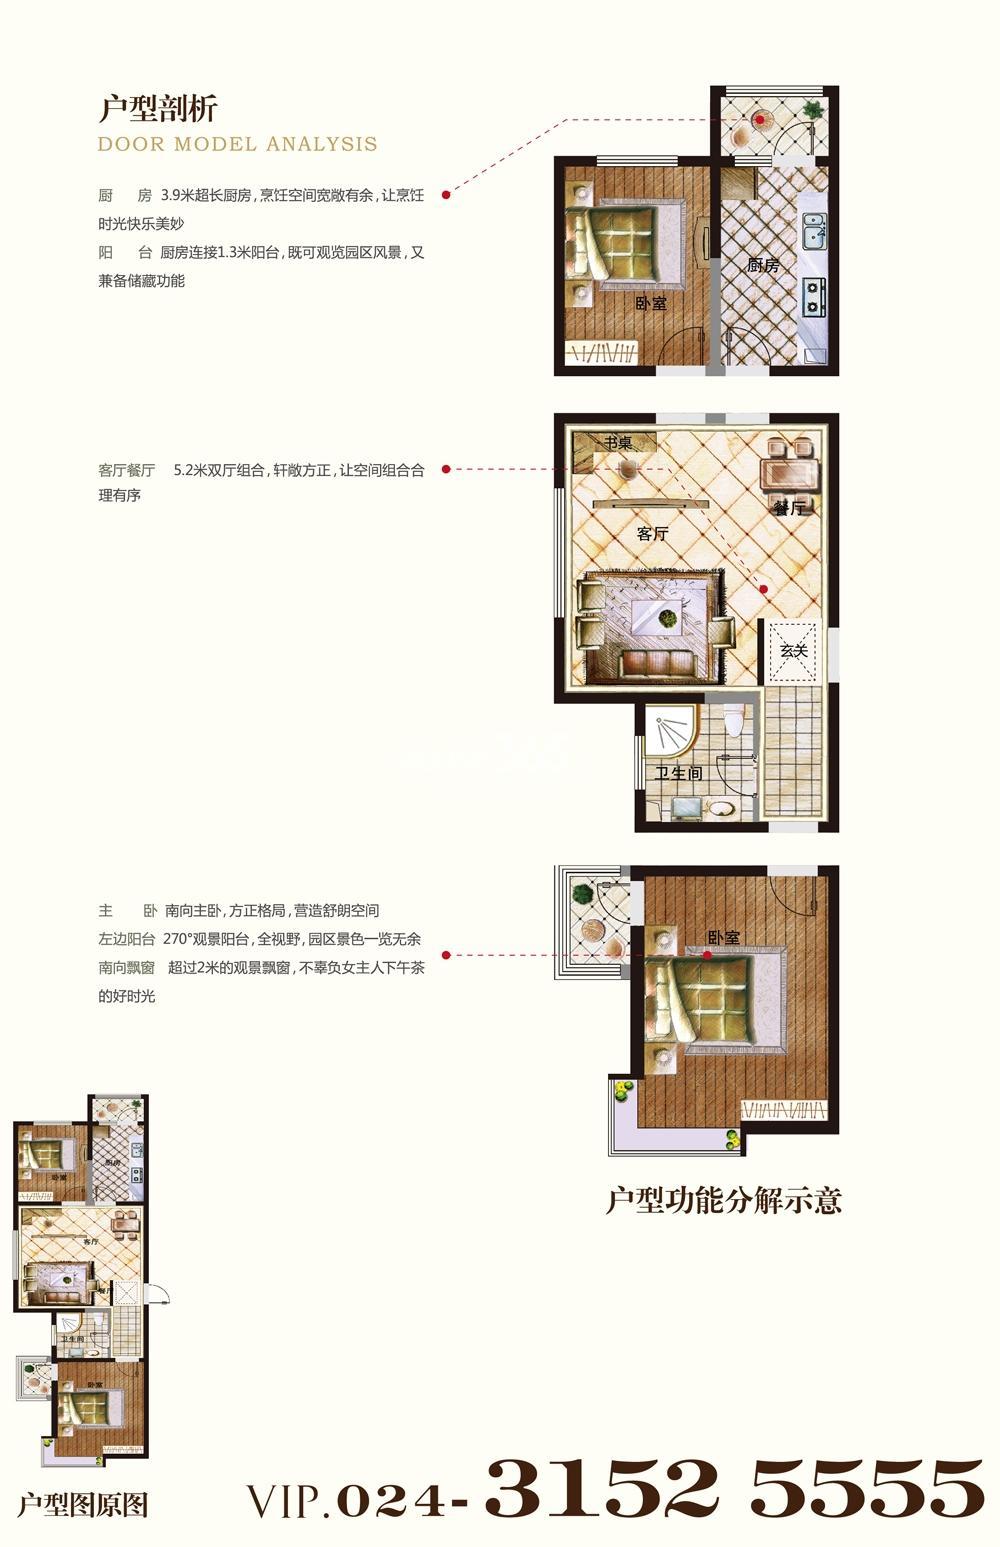 五矿紫晶御府两室两厅一卫106平米